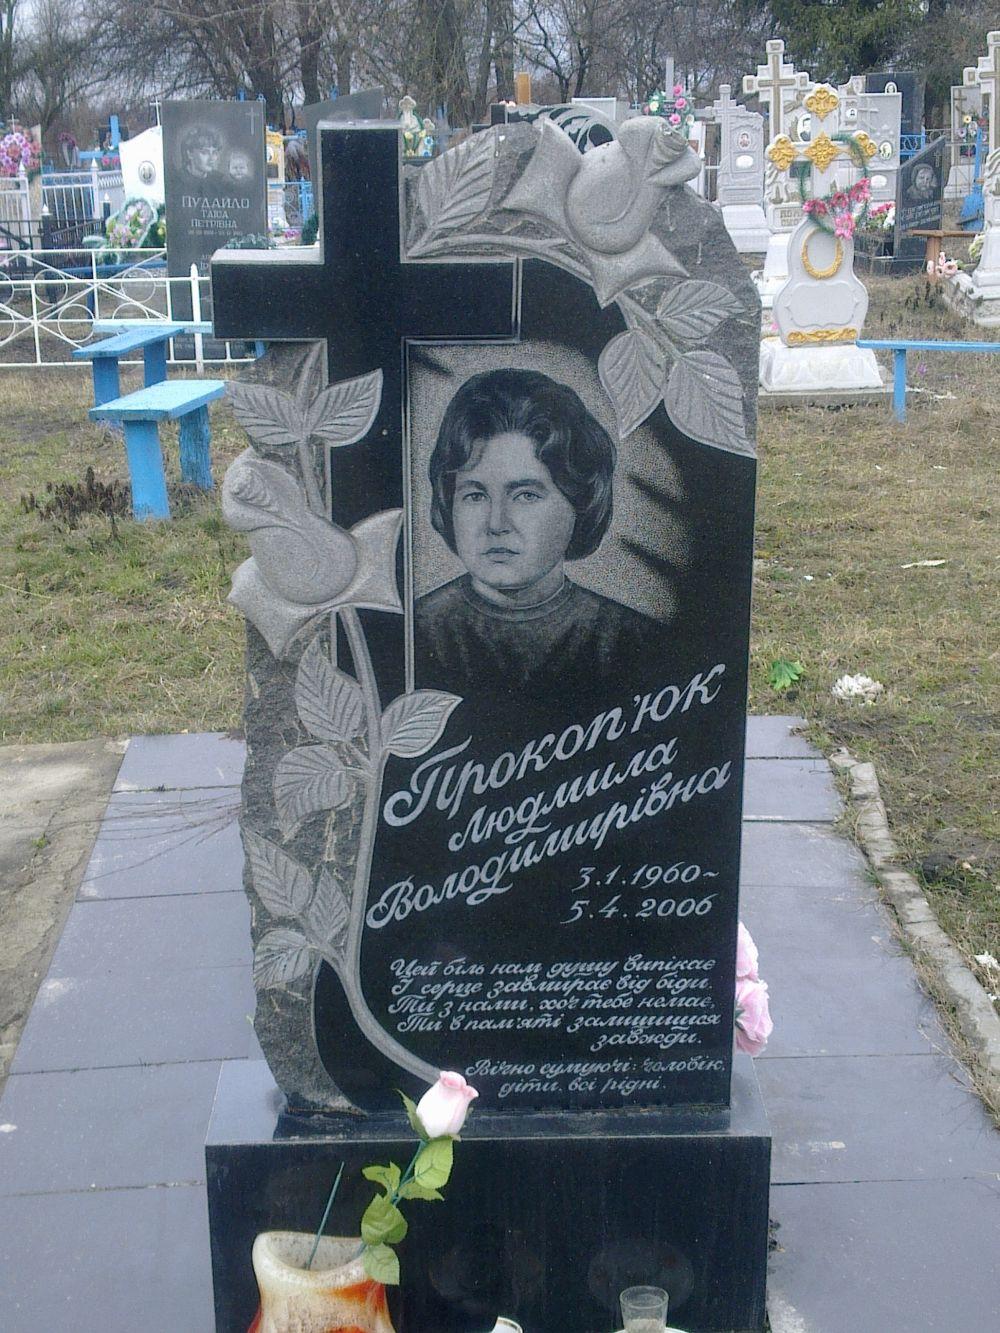 izgotovlenie_granitnyh_pamyatnikovizgotovlenie_i_ustanovka_pamyatnikov